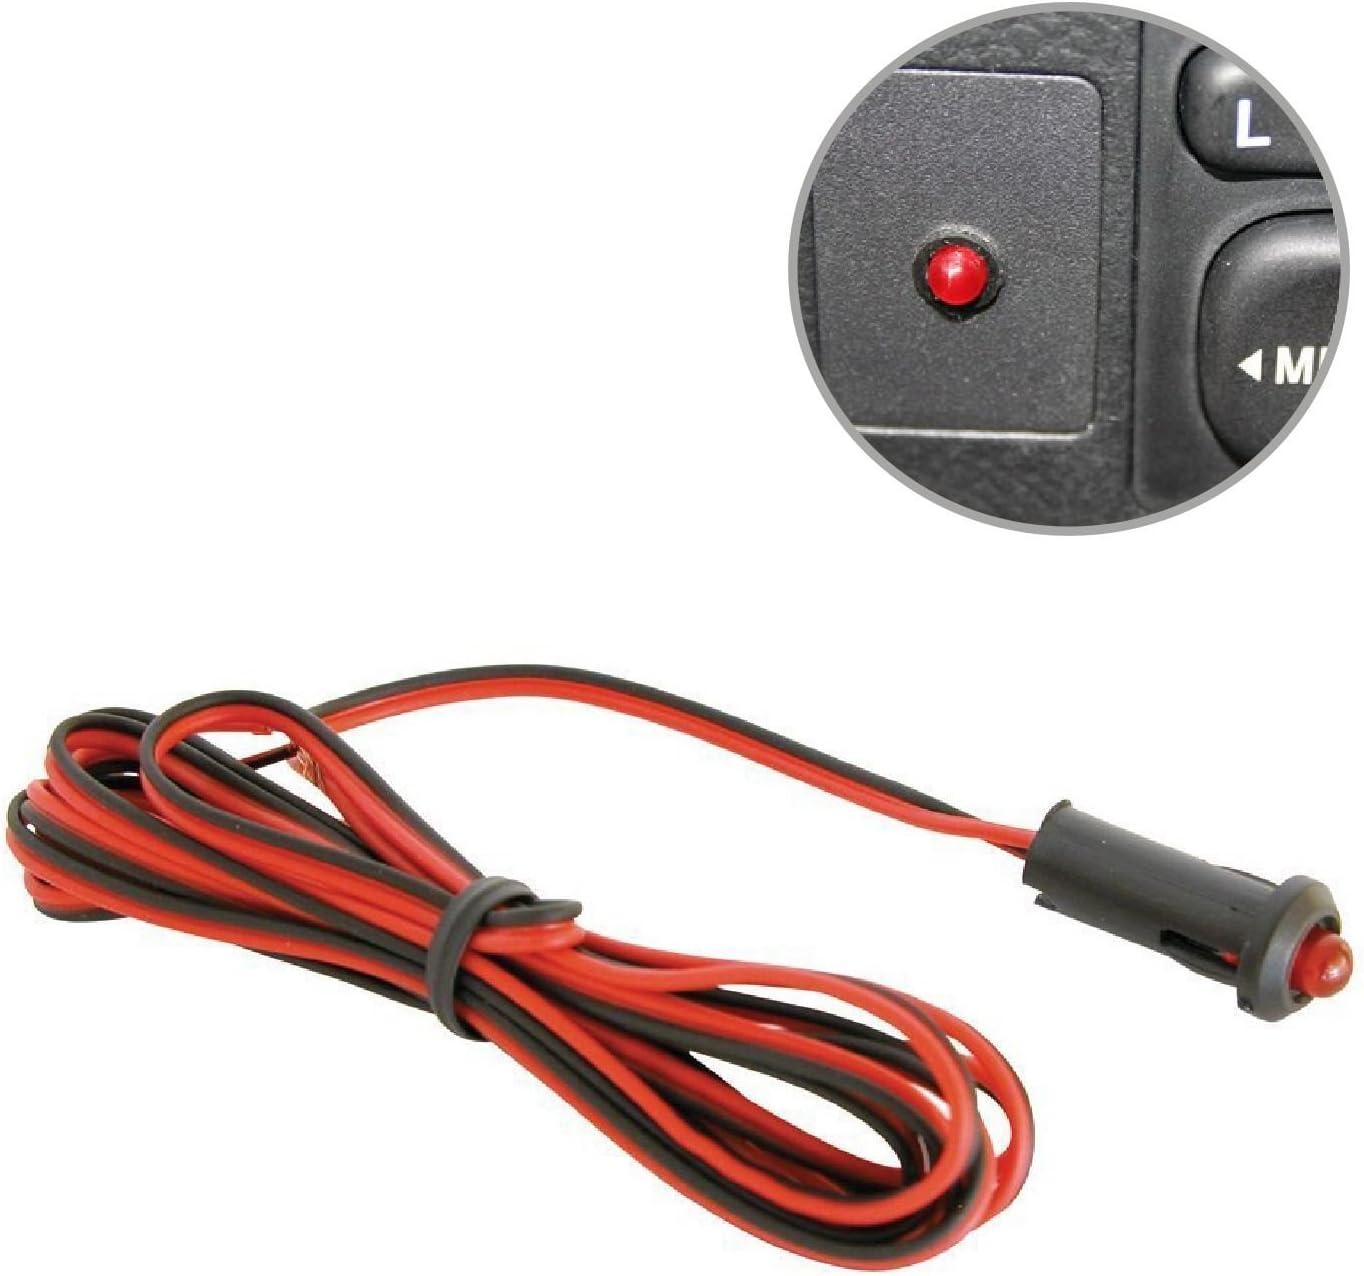 Home Smart Rote Led Blinkt Dummy Alarm Warnung Sicherheit Licht 12v Auto Armaturenbrett Abschreckung Auto